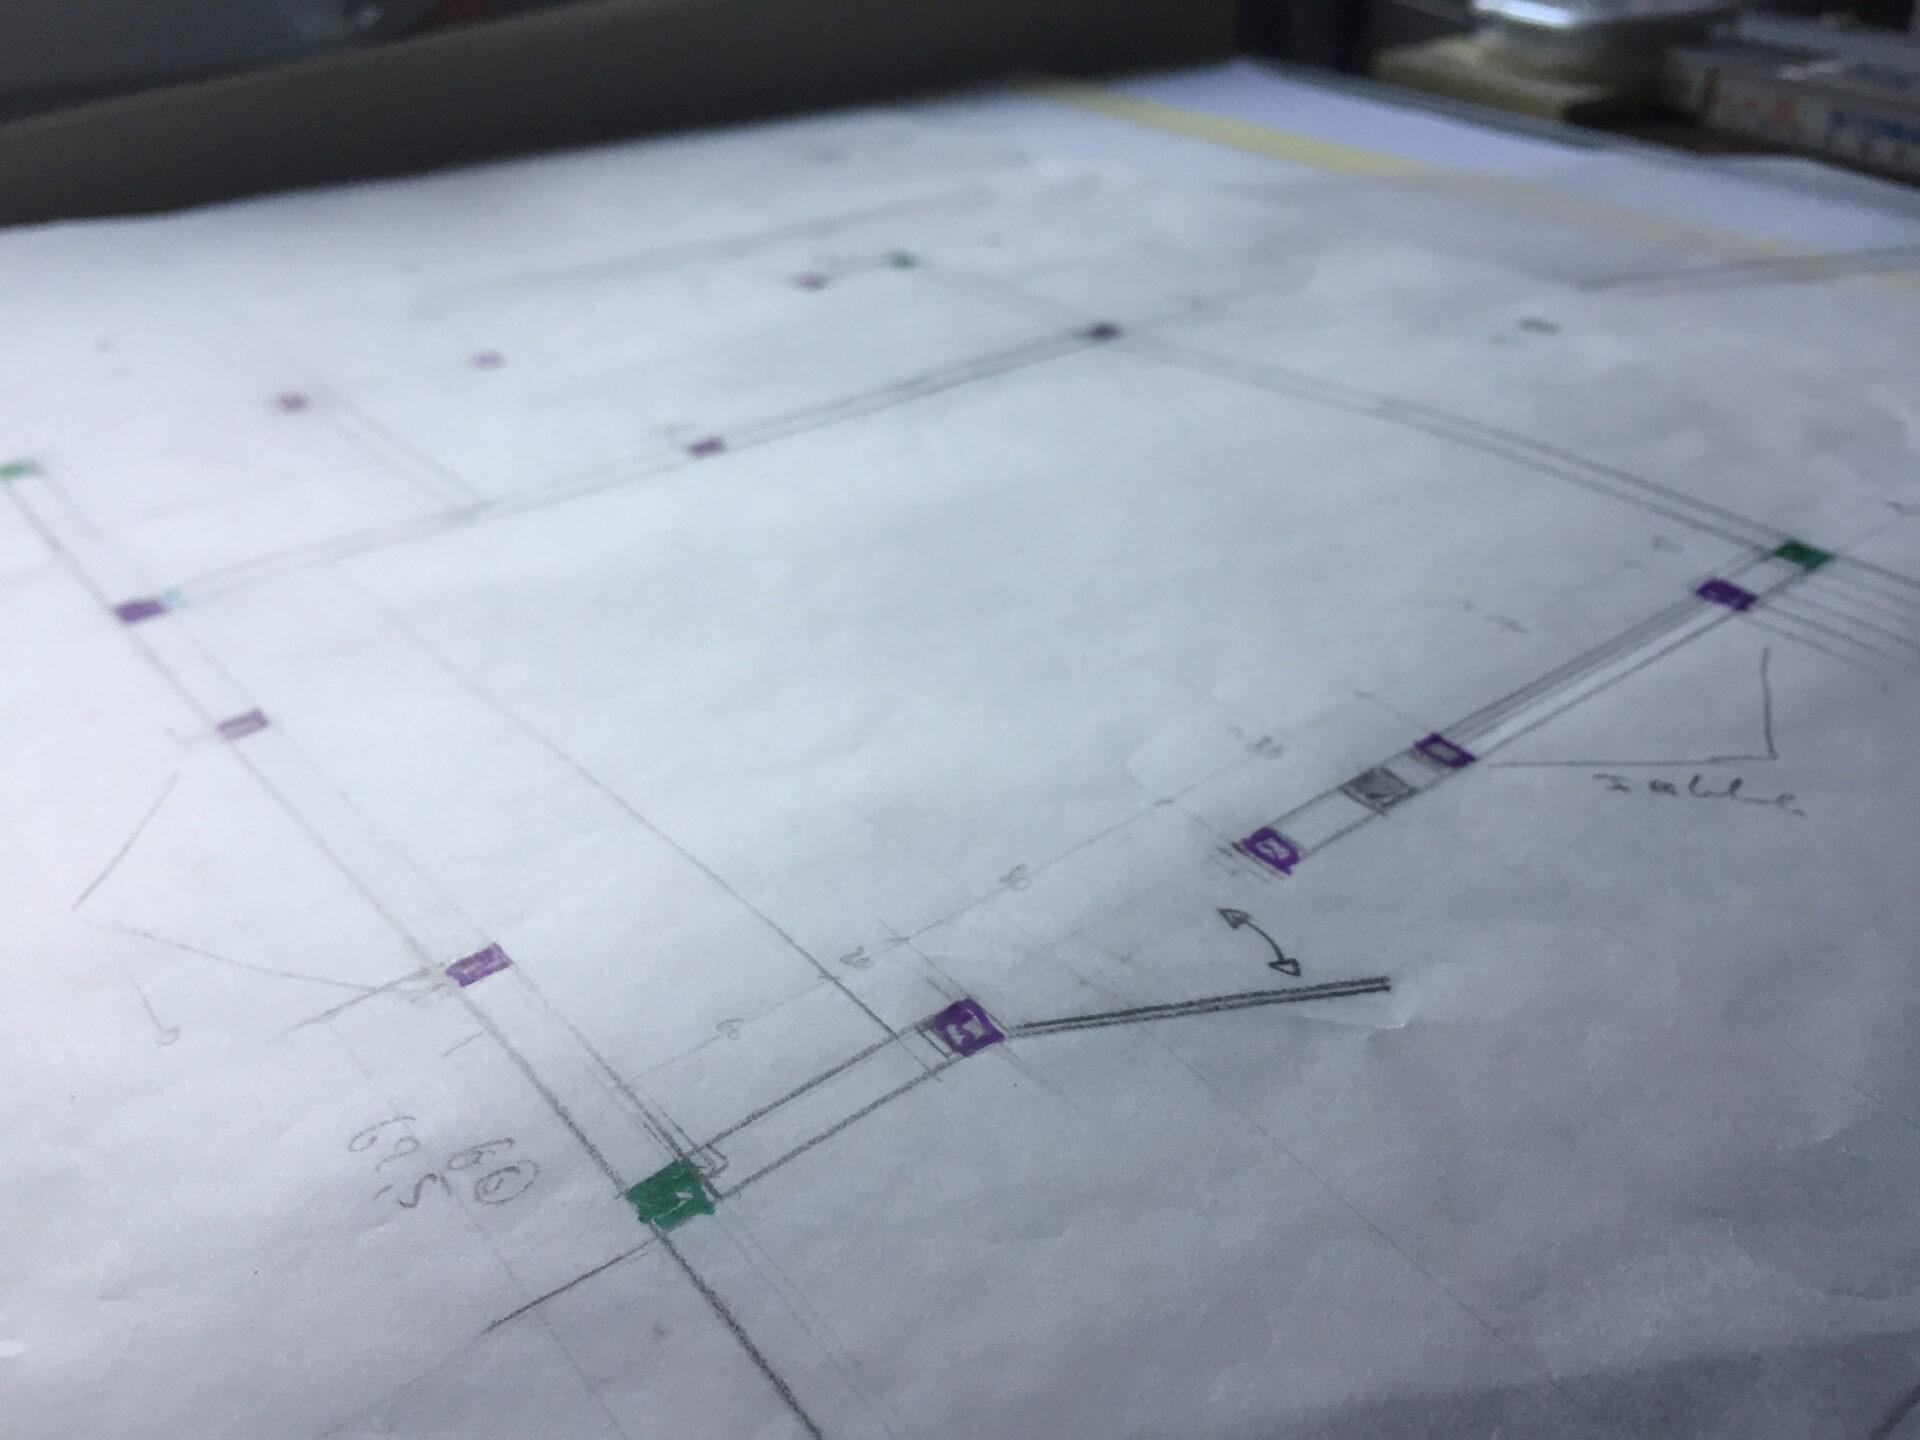 Gartenhütte planen: Skizze eines Gartenhauses.